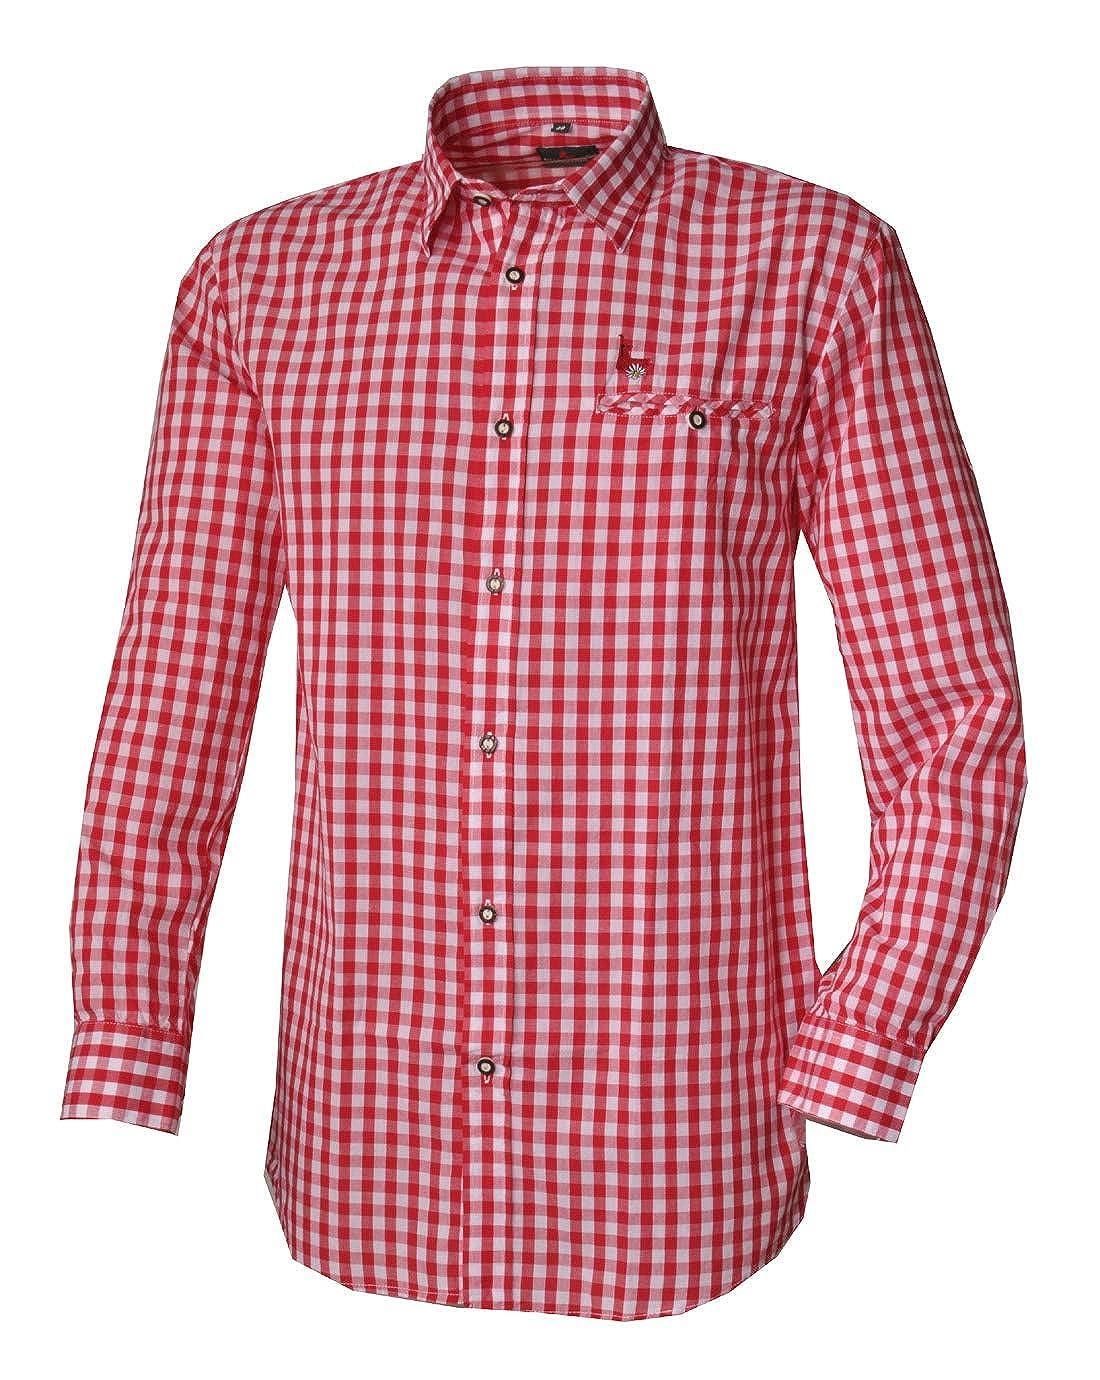 trachtenhemd Oktoberfest Freizeithemd kariert Karo Hemd Karohemd trachten hemd